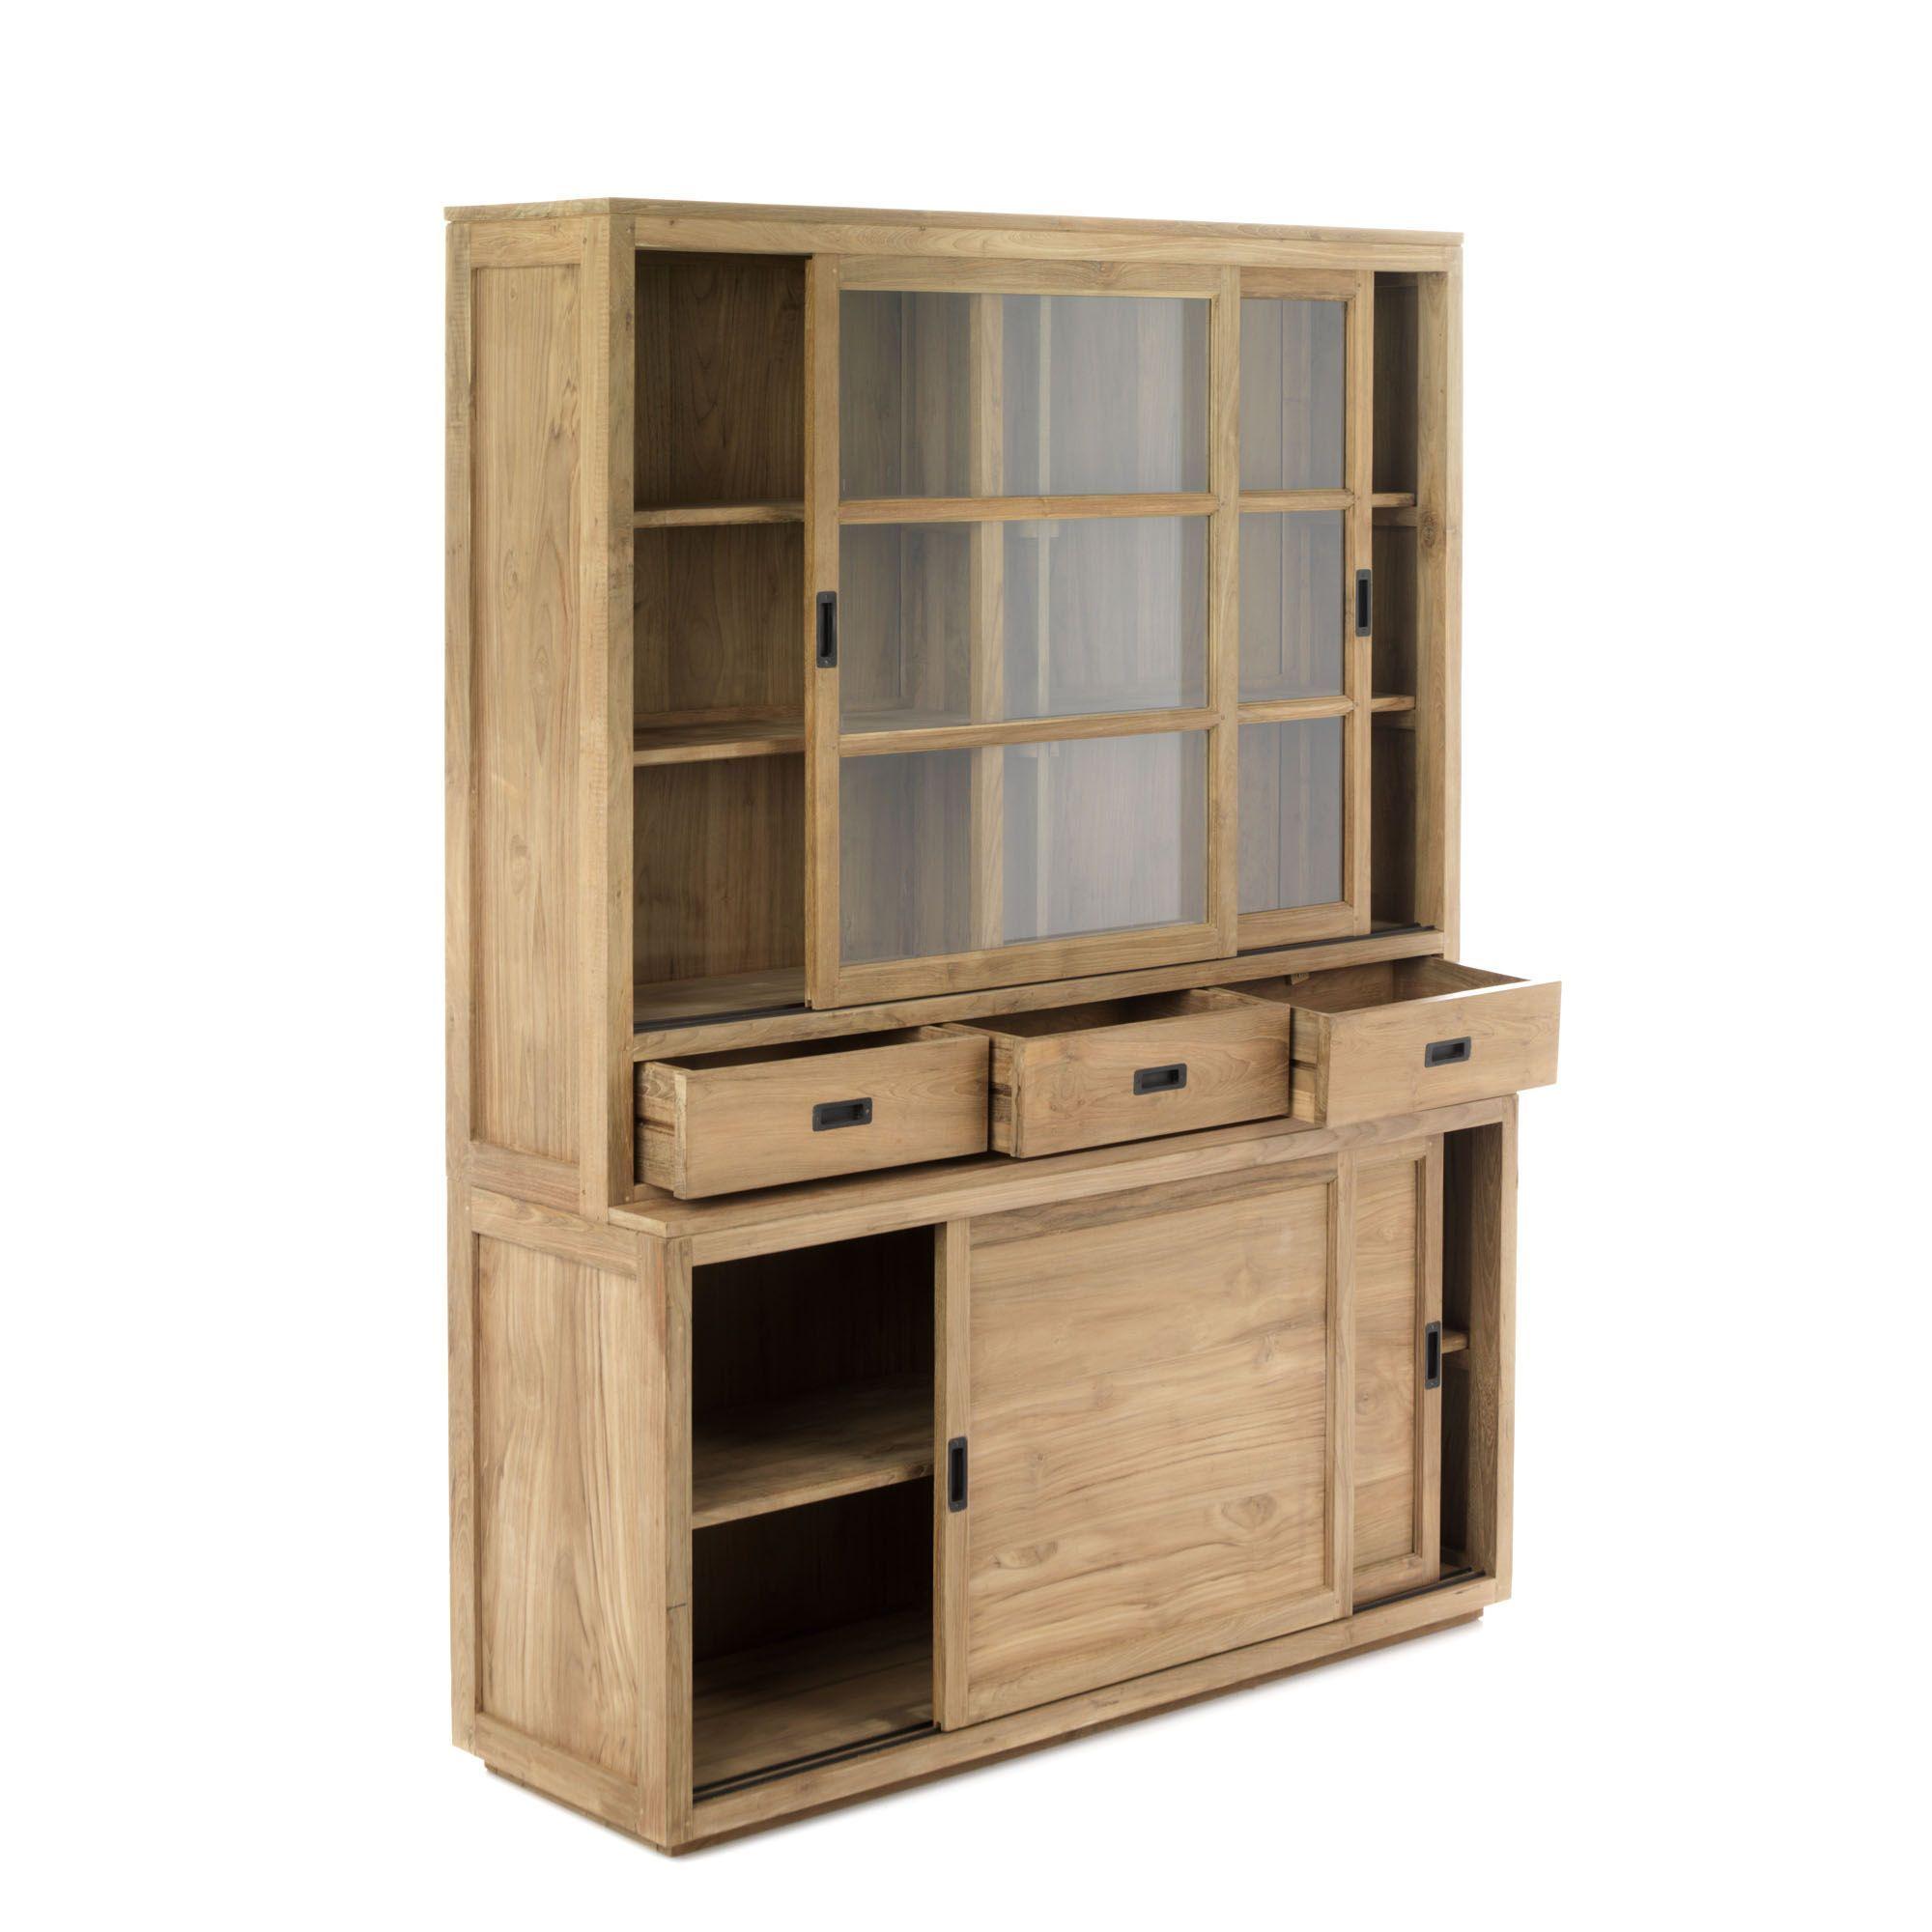 vaisselier en teck avec portes coulissantes tiroirs et vitrines 160cm livr mont naturel. Black Bedroom Furniture Sets. Home Design Ideas